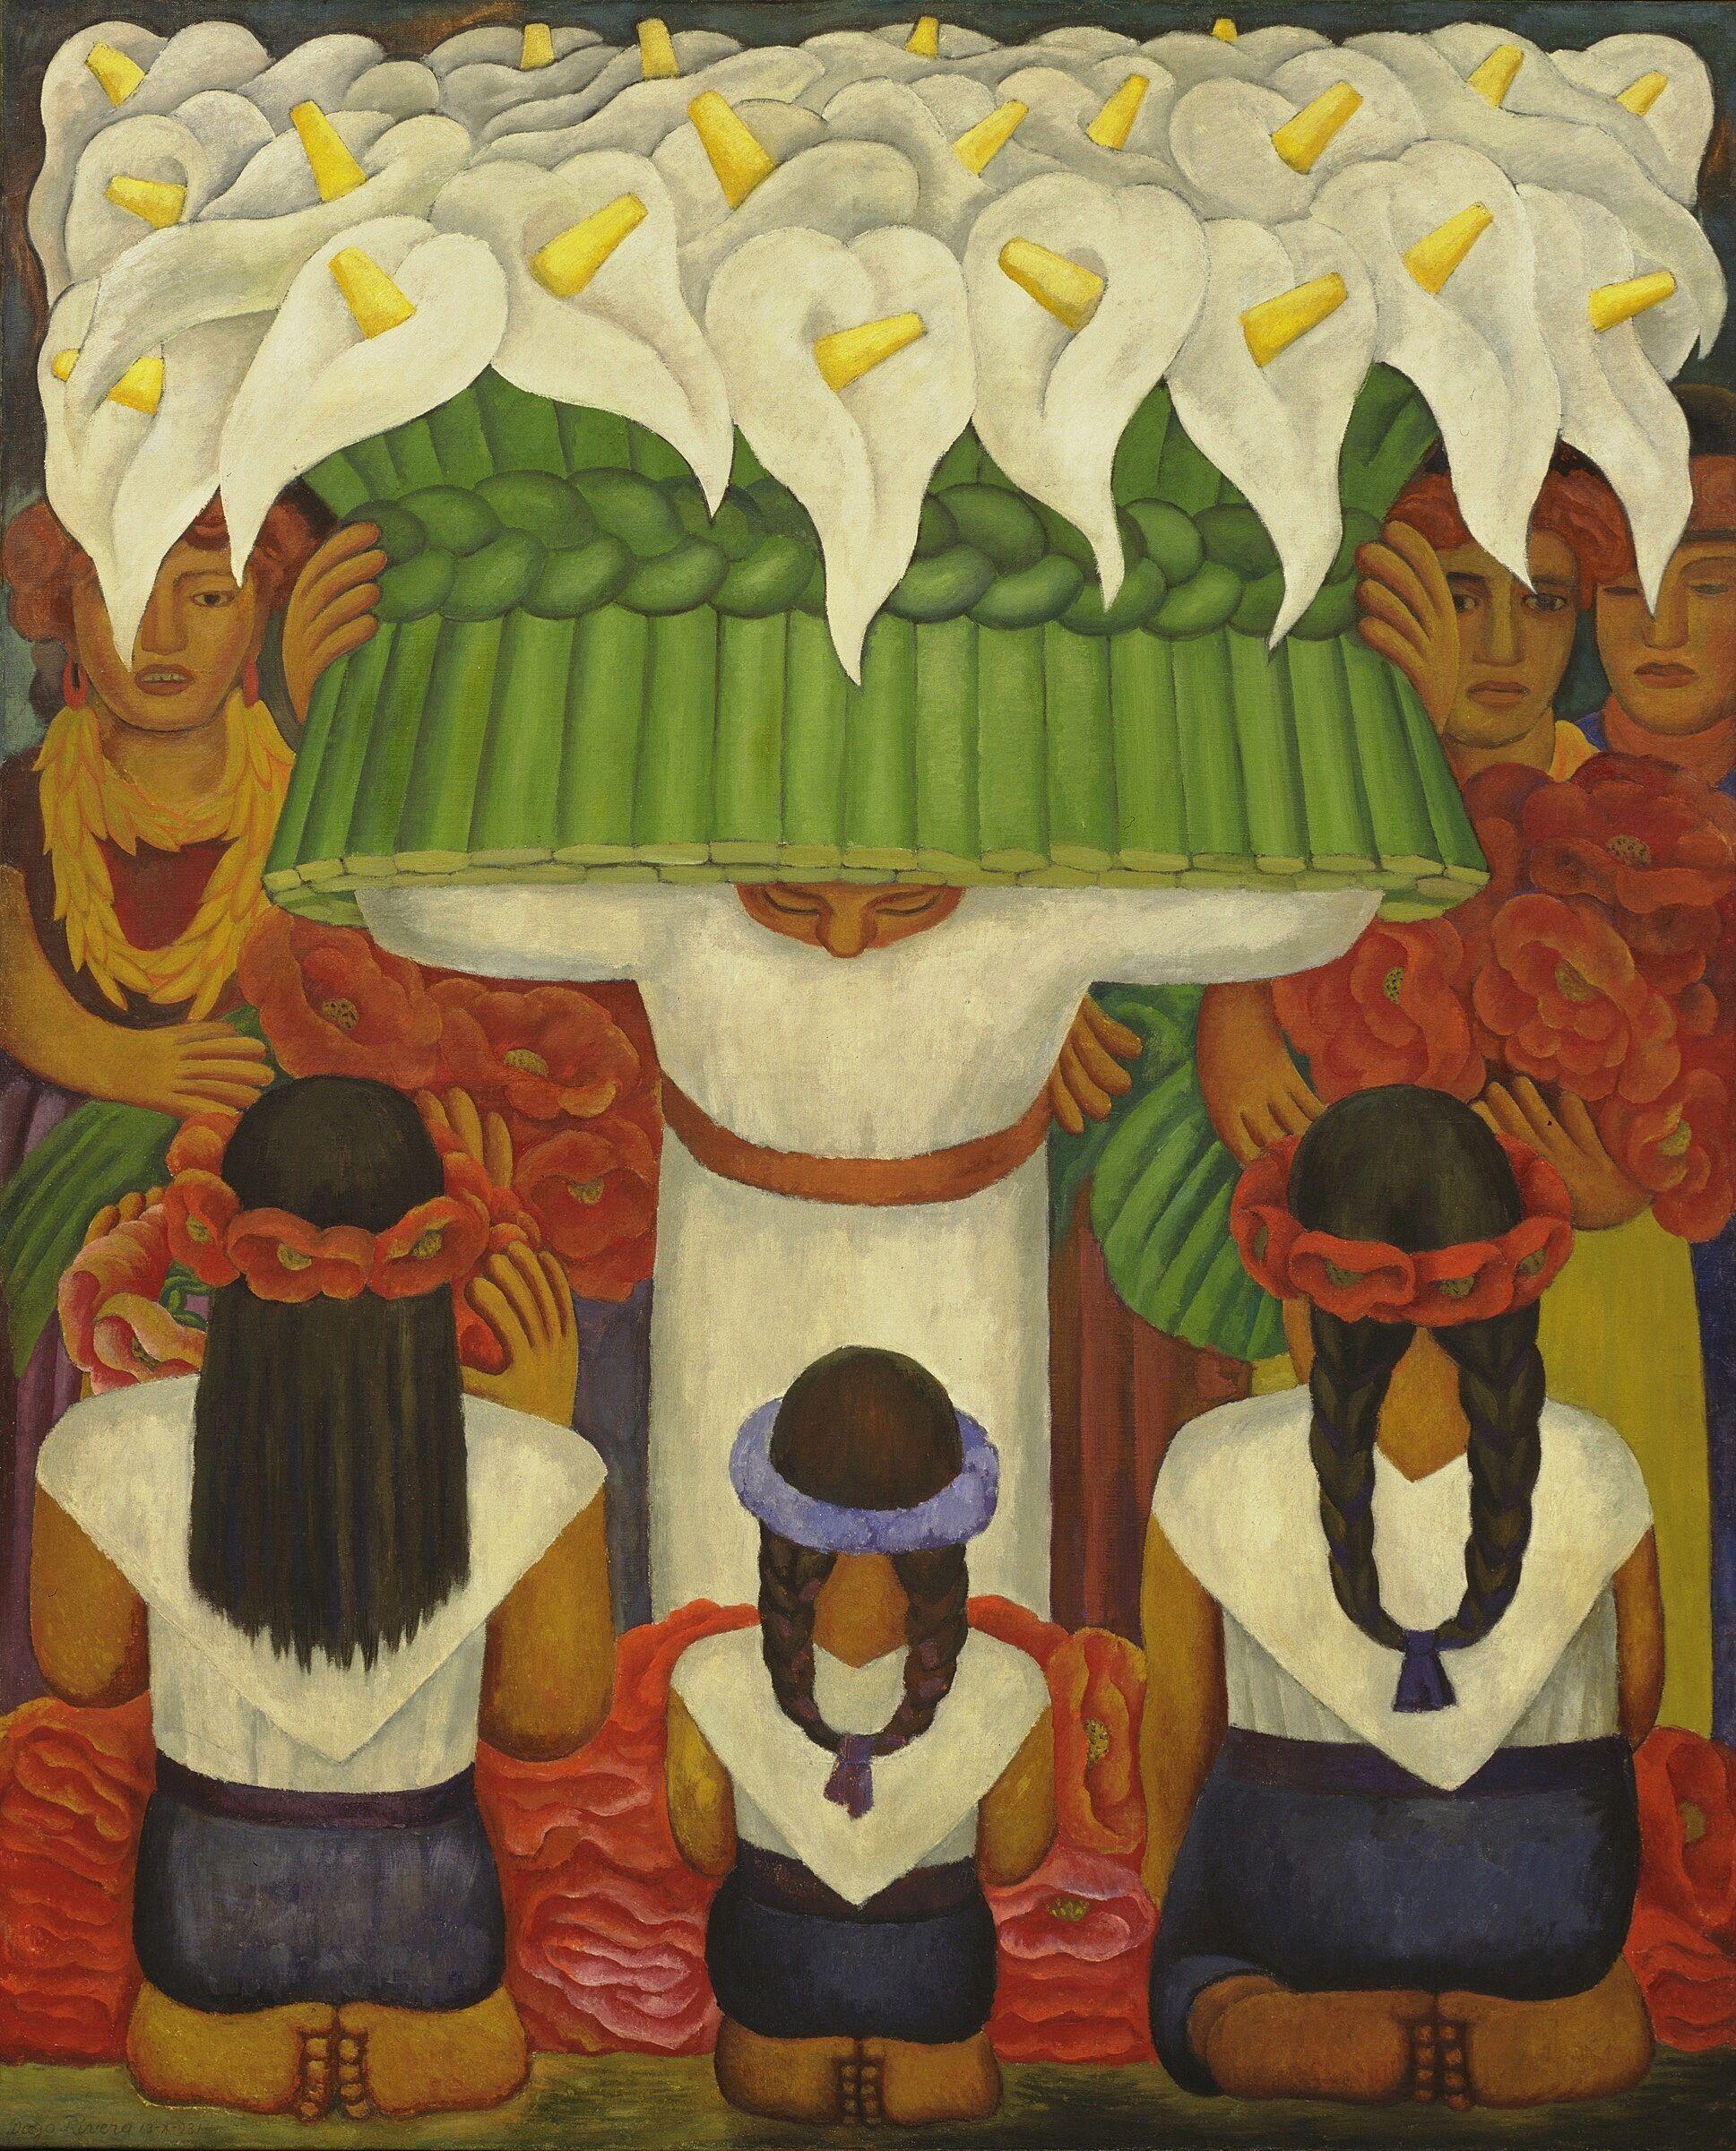 Diego Rivera, Flower Festival: Feast of Santa Anita, 1931